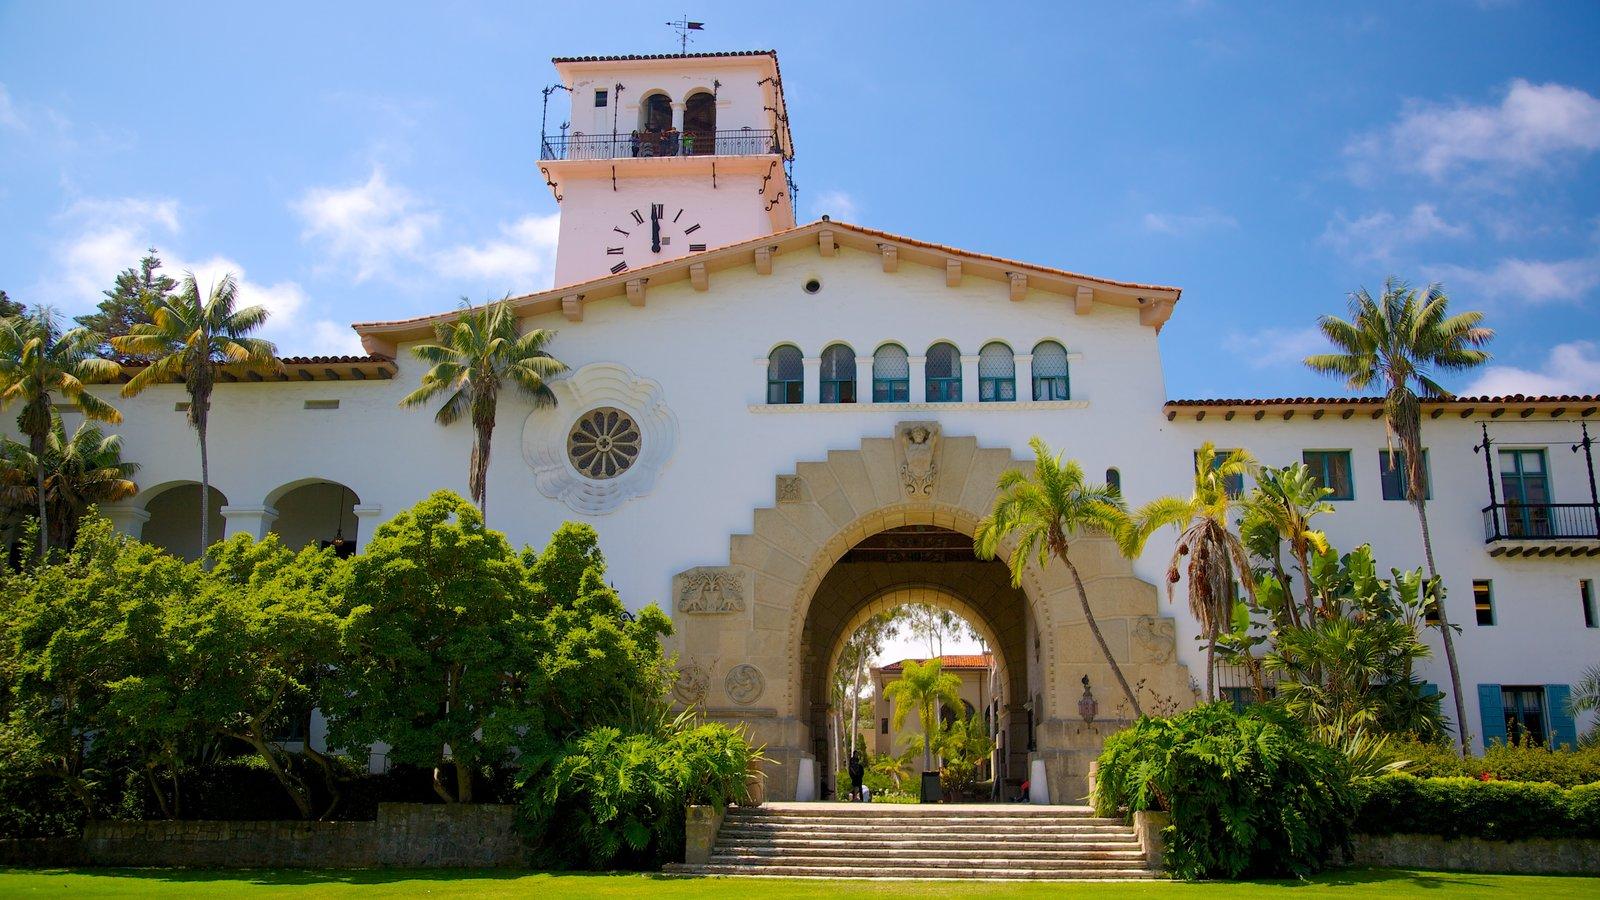 Corte do Condado de Santa Bárbara caracterizando arquitetura de patrimônio e um hotel de luxo ou resort